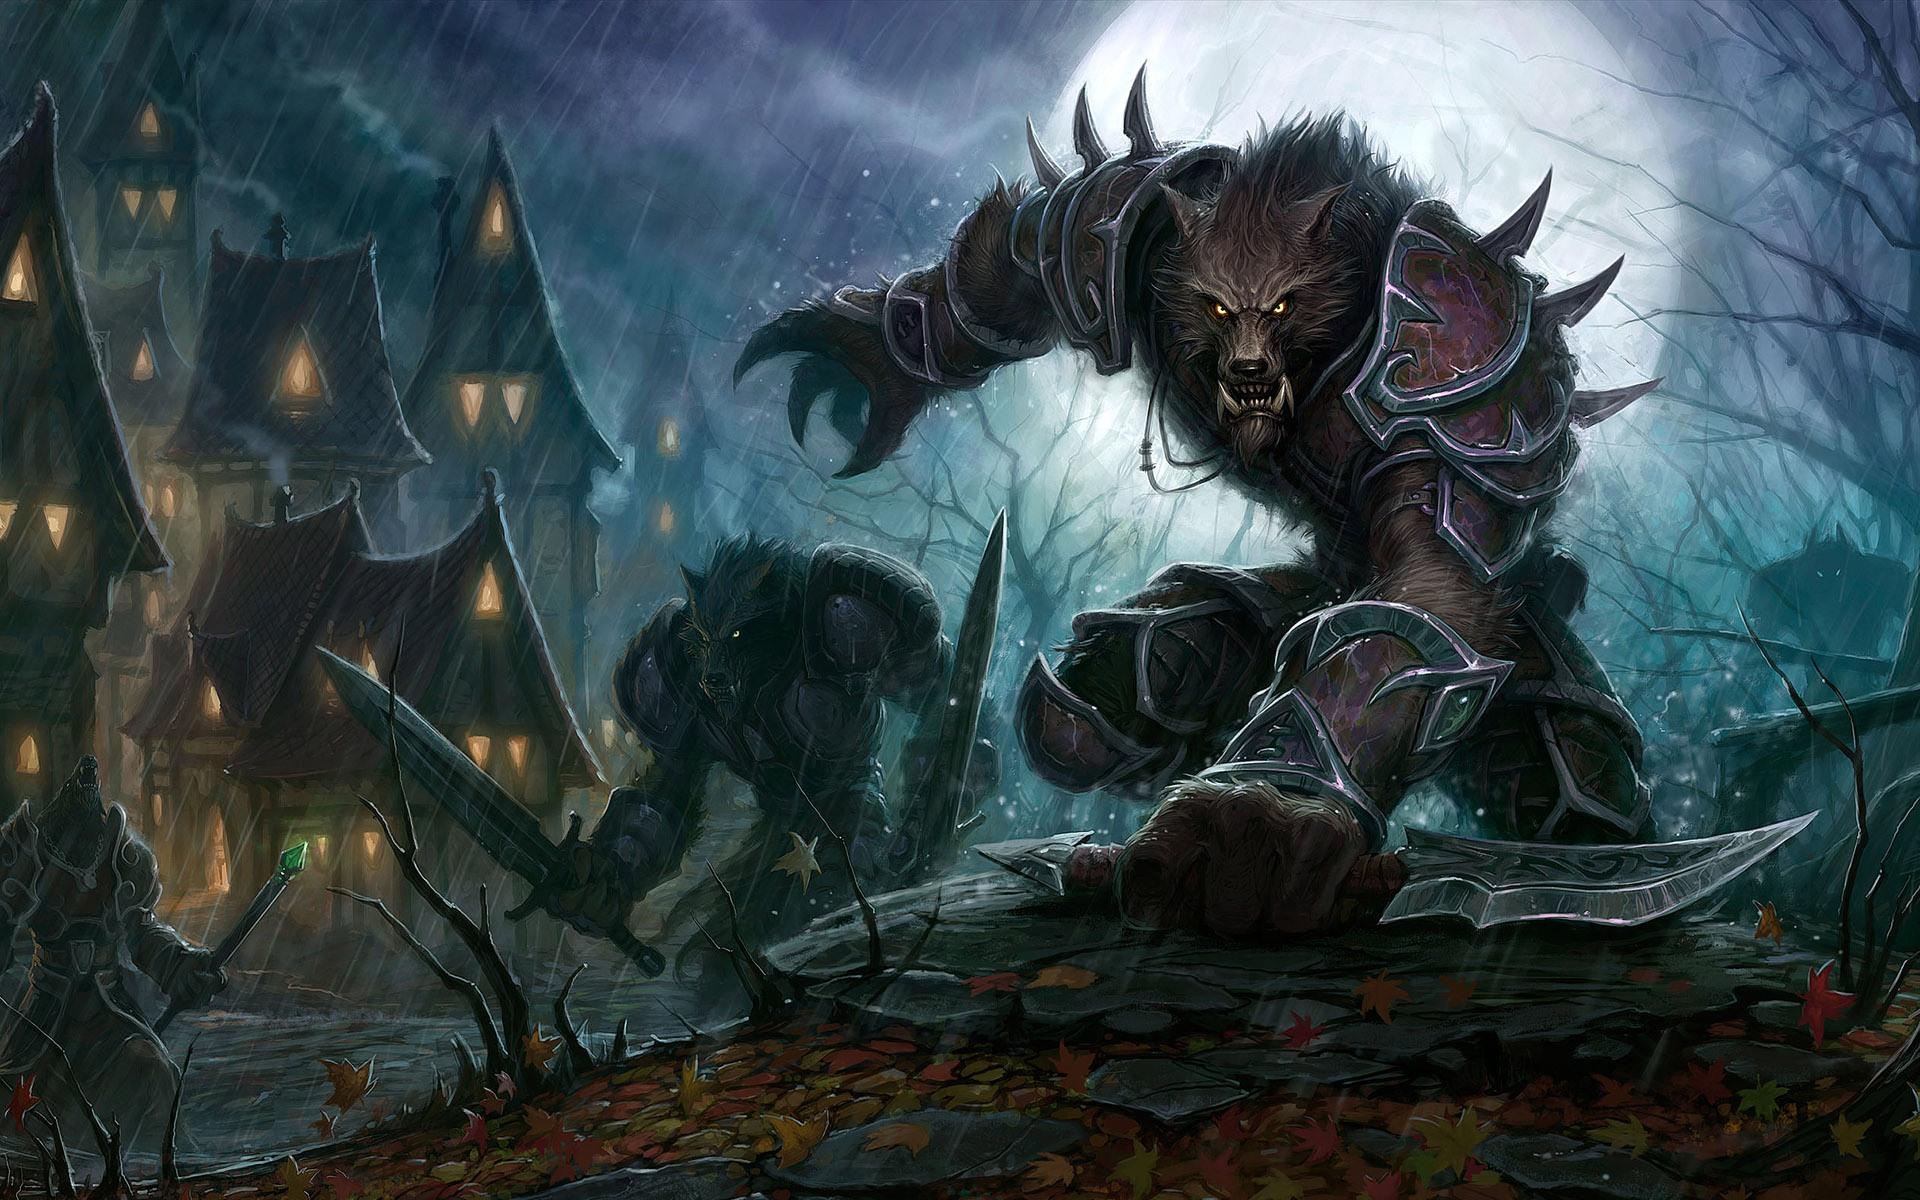 World of Warcraft Worgen desktop wallpaper 1920x1200